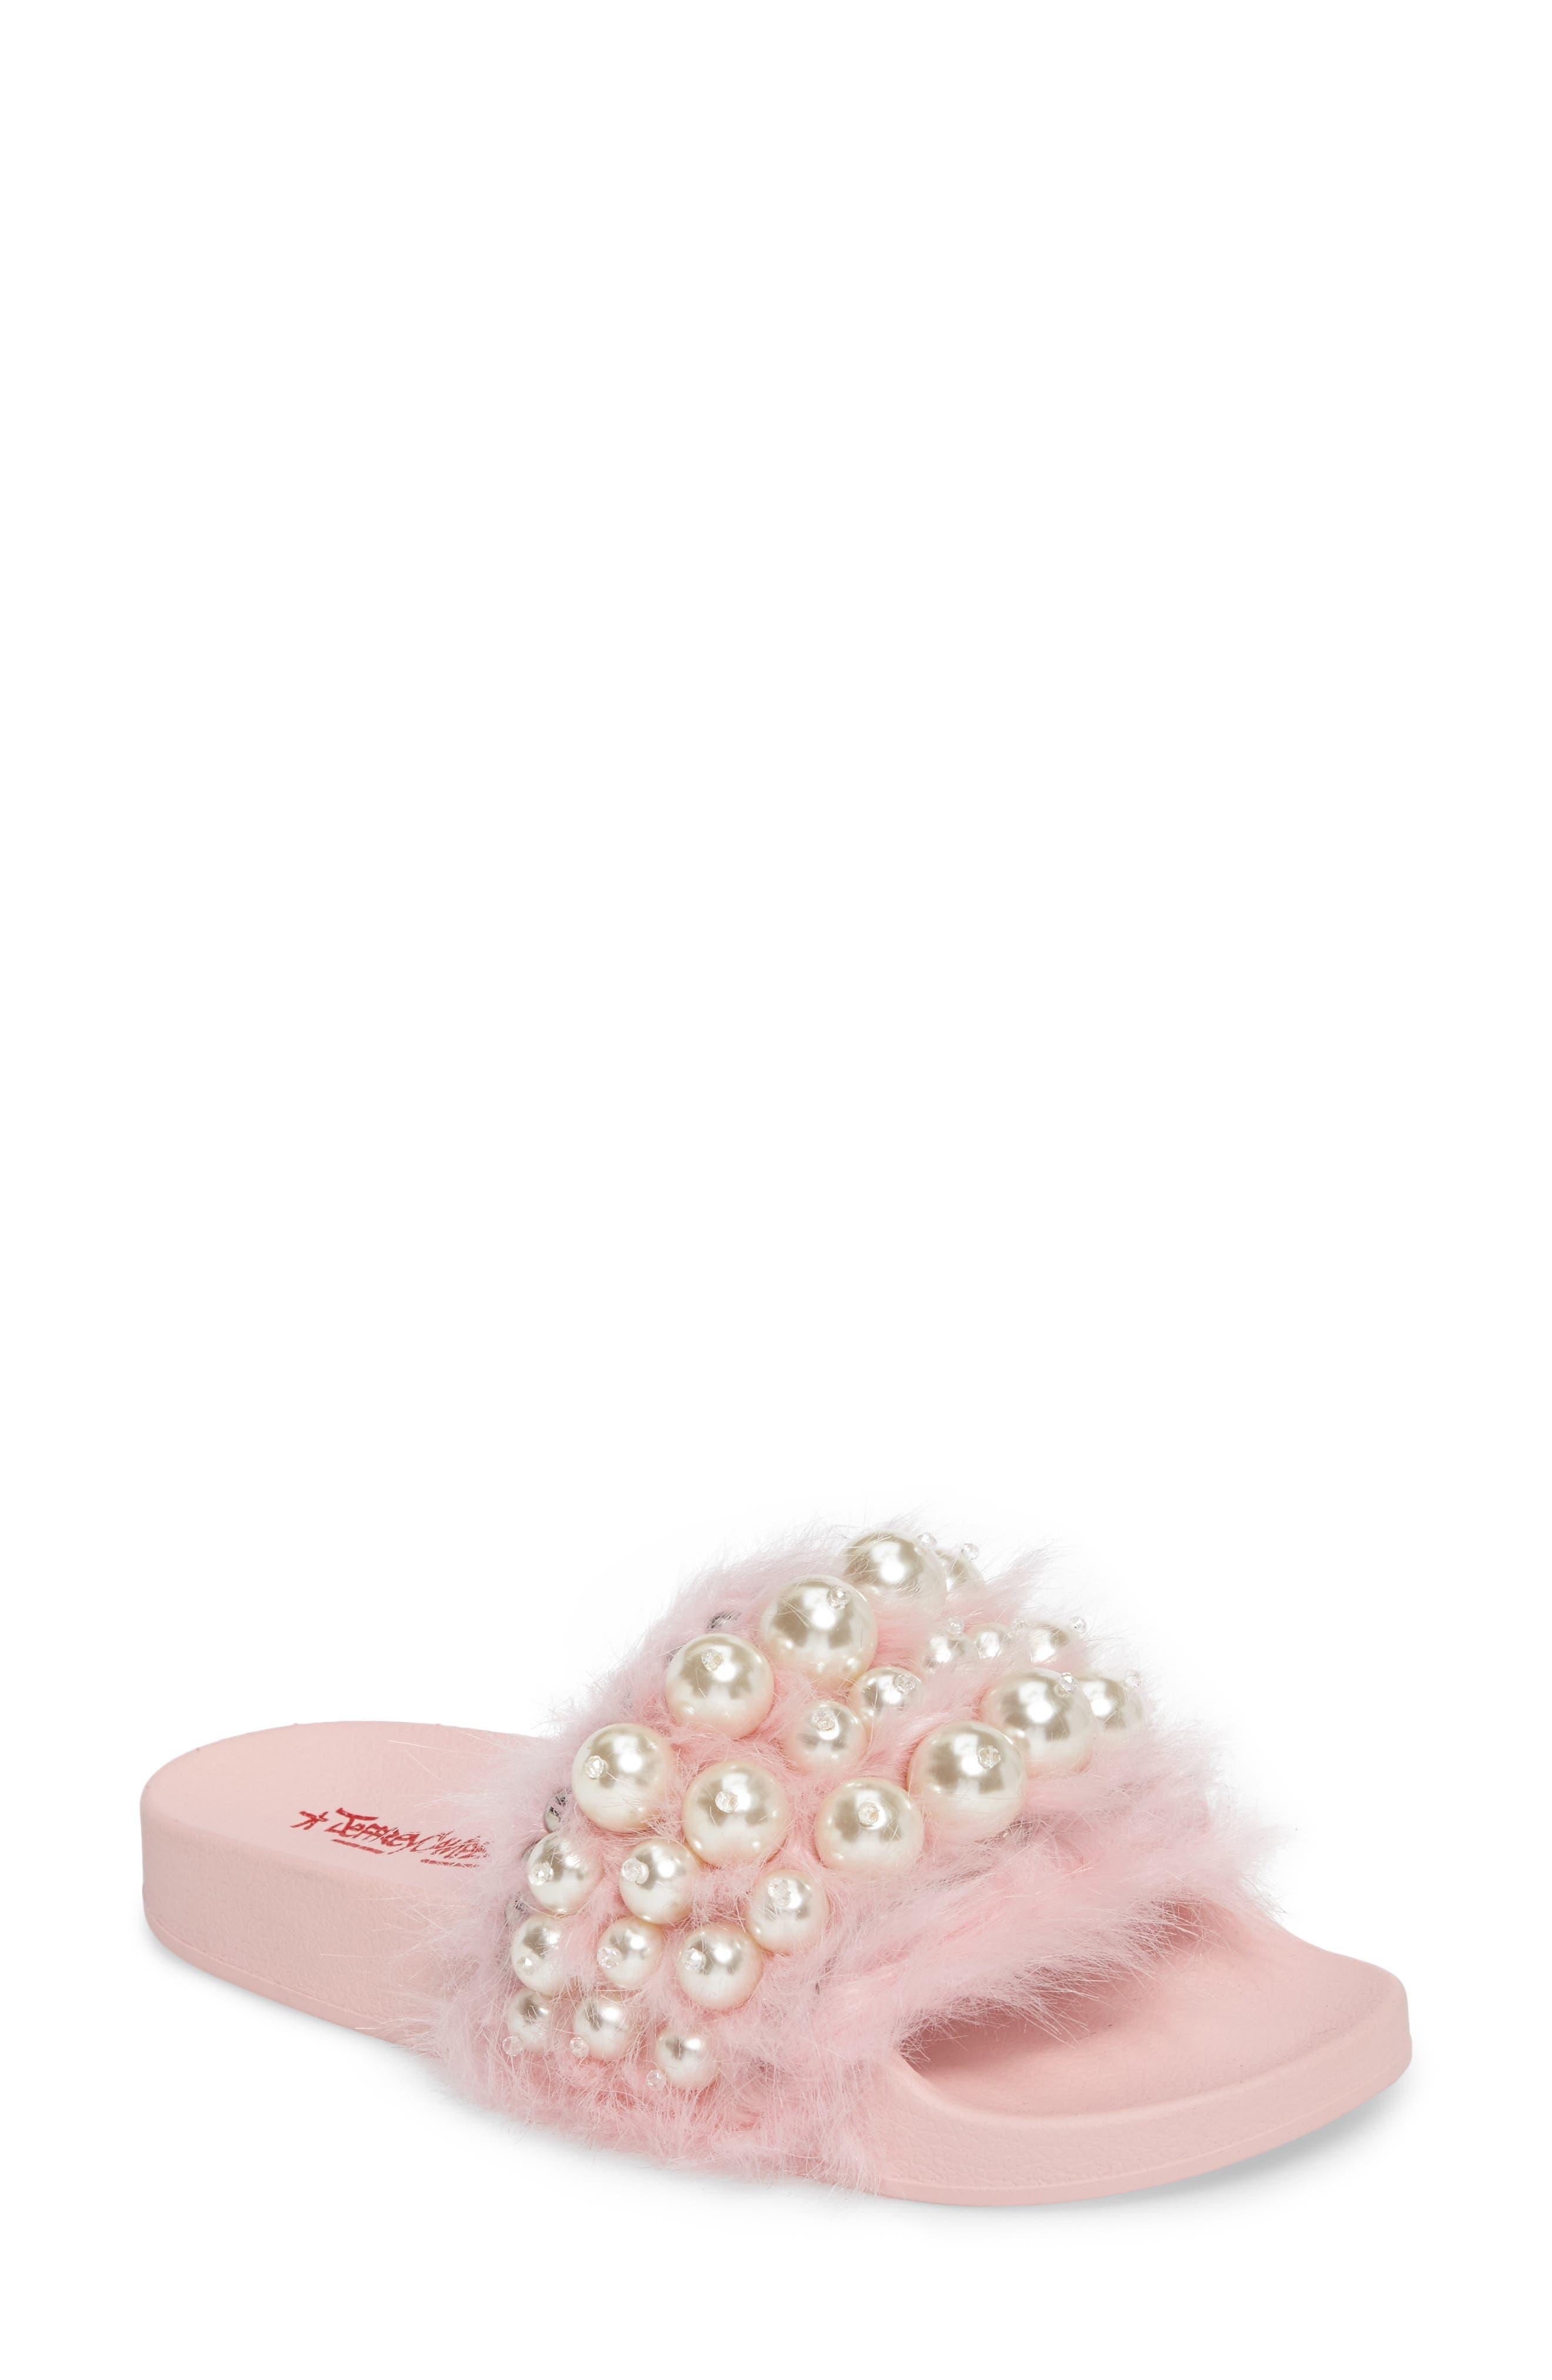 Jeffrey Campbell Jova Embellished Slide (Women)